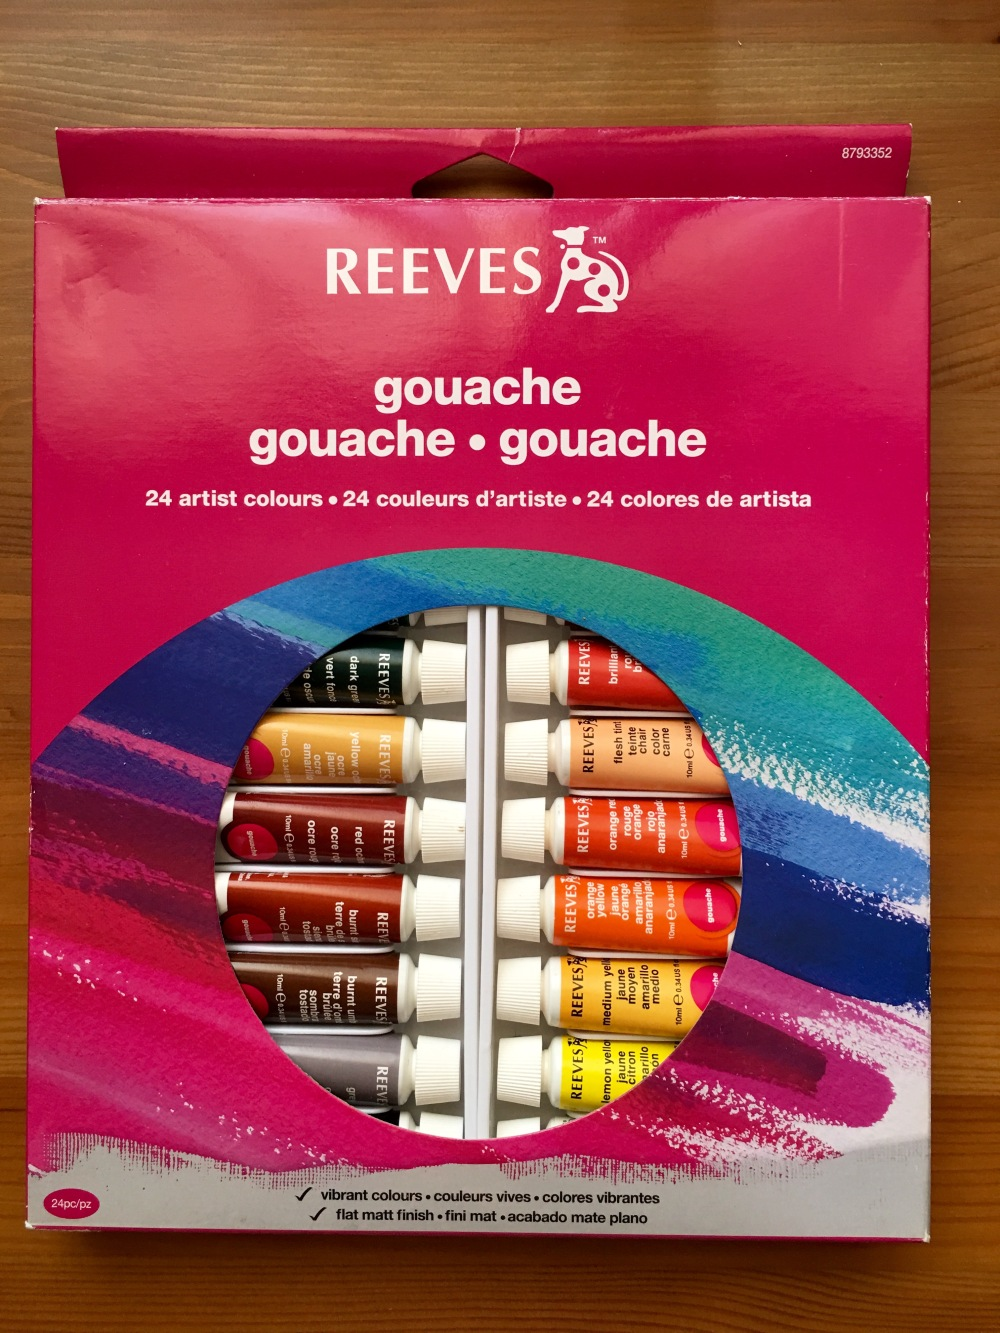 Reeves gouache